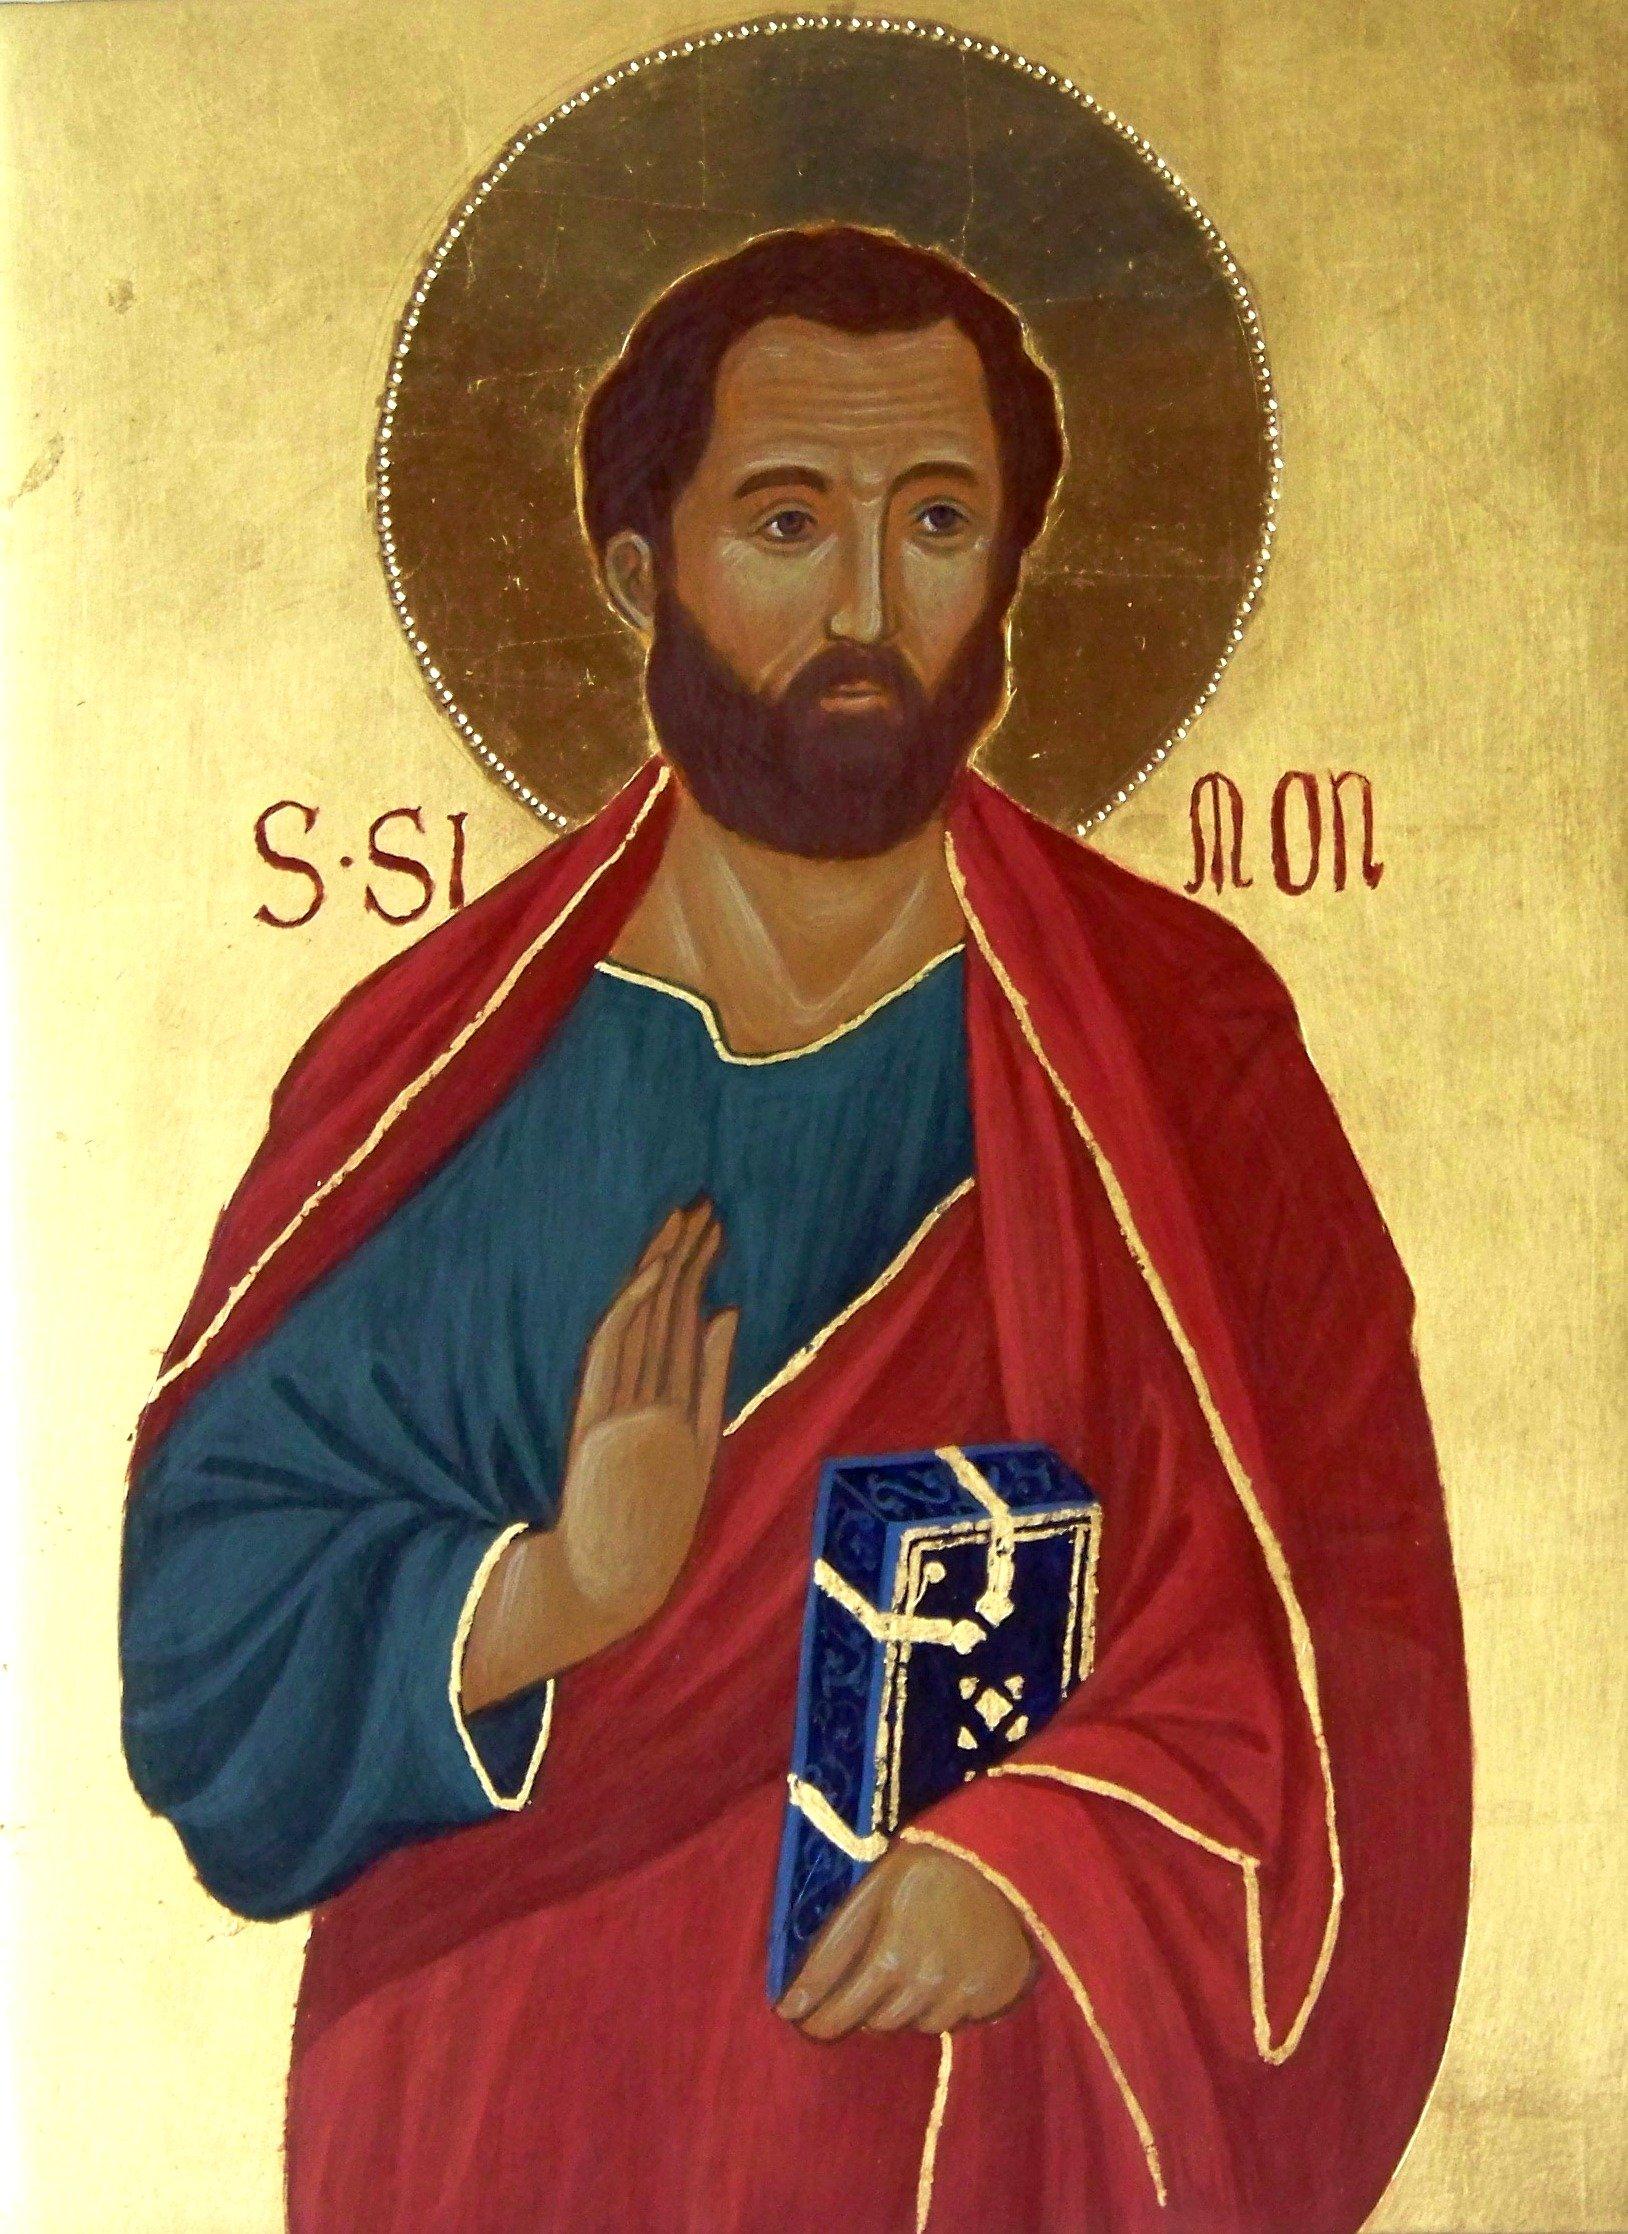 św. Szymon Gorliwy Apostoł